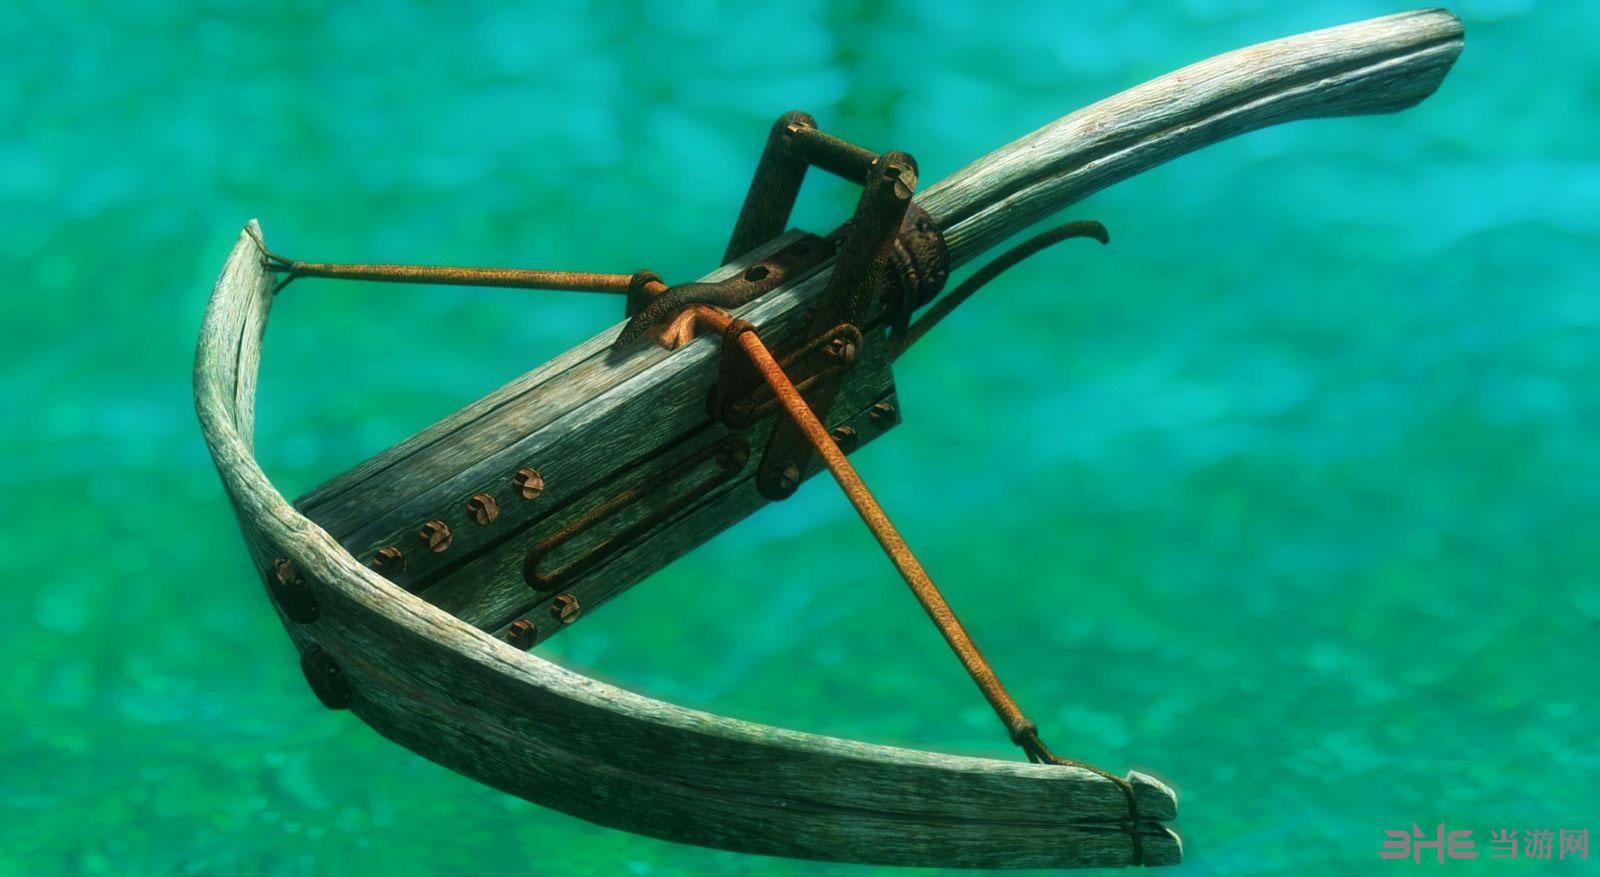 上古卷轴5天际木制弩弓MOD截图1